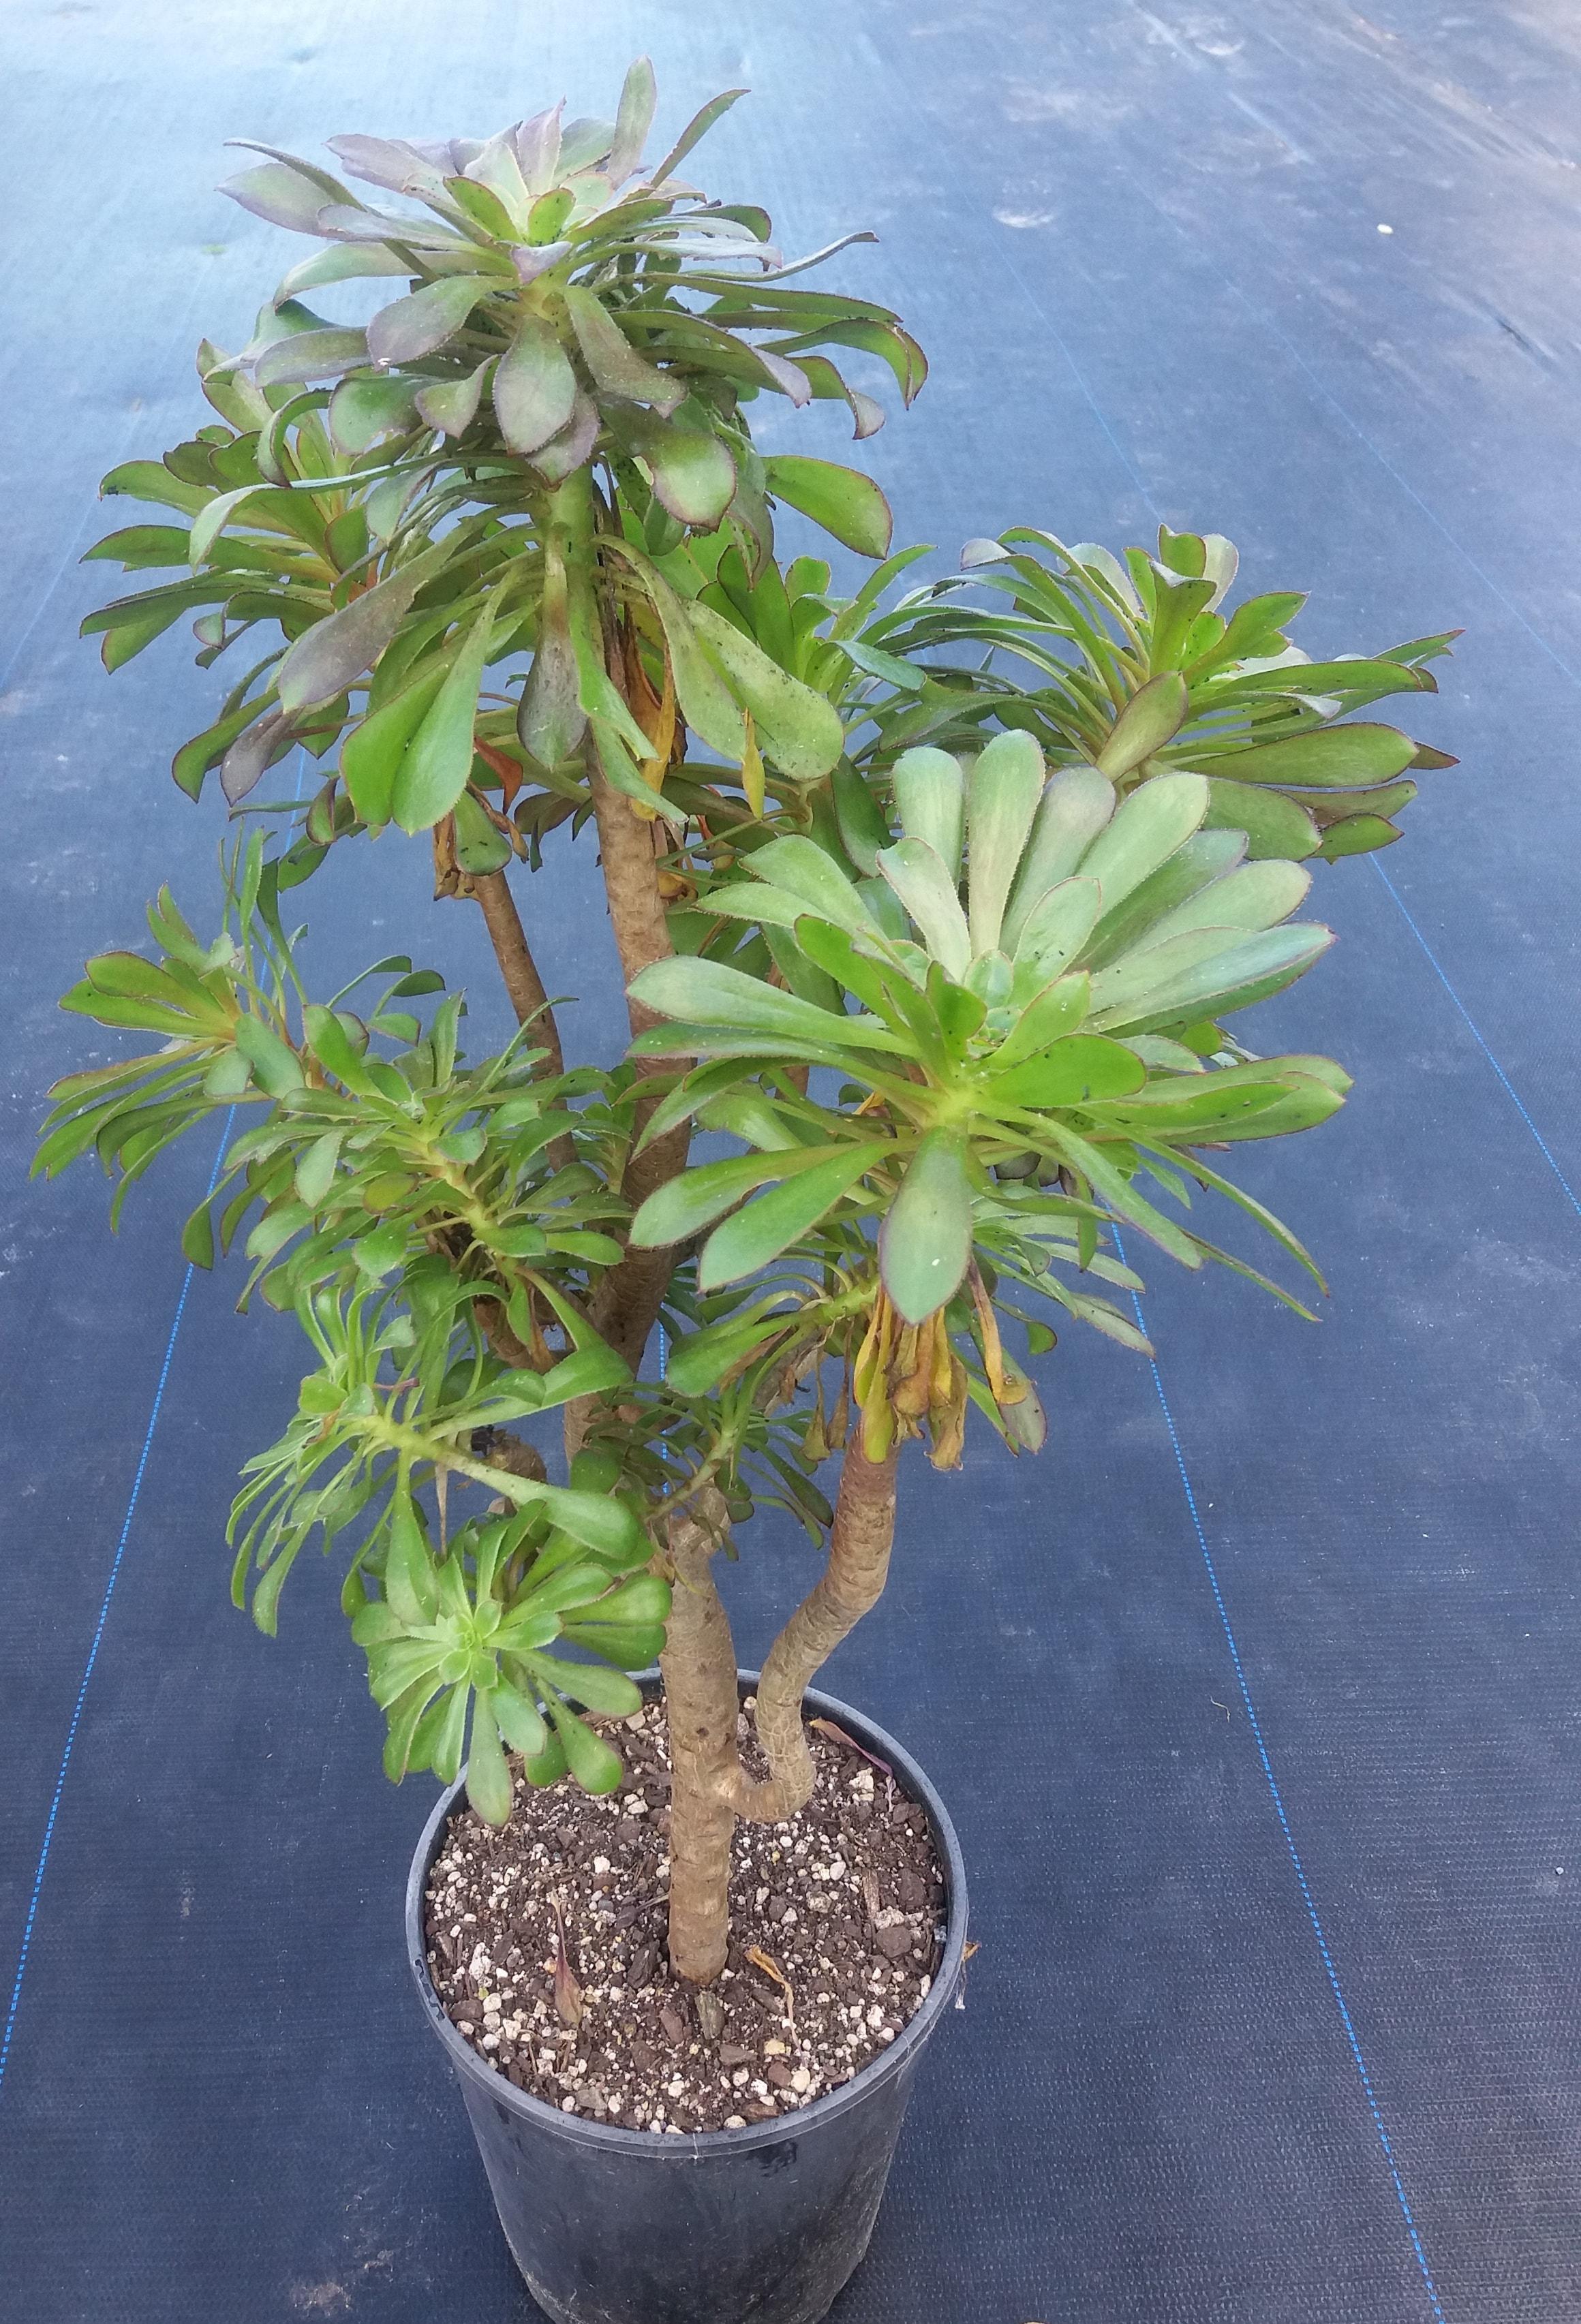 Aeonium Arboreum var Holochrysum